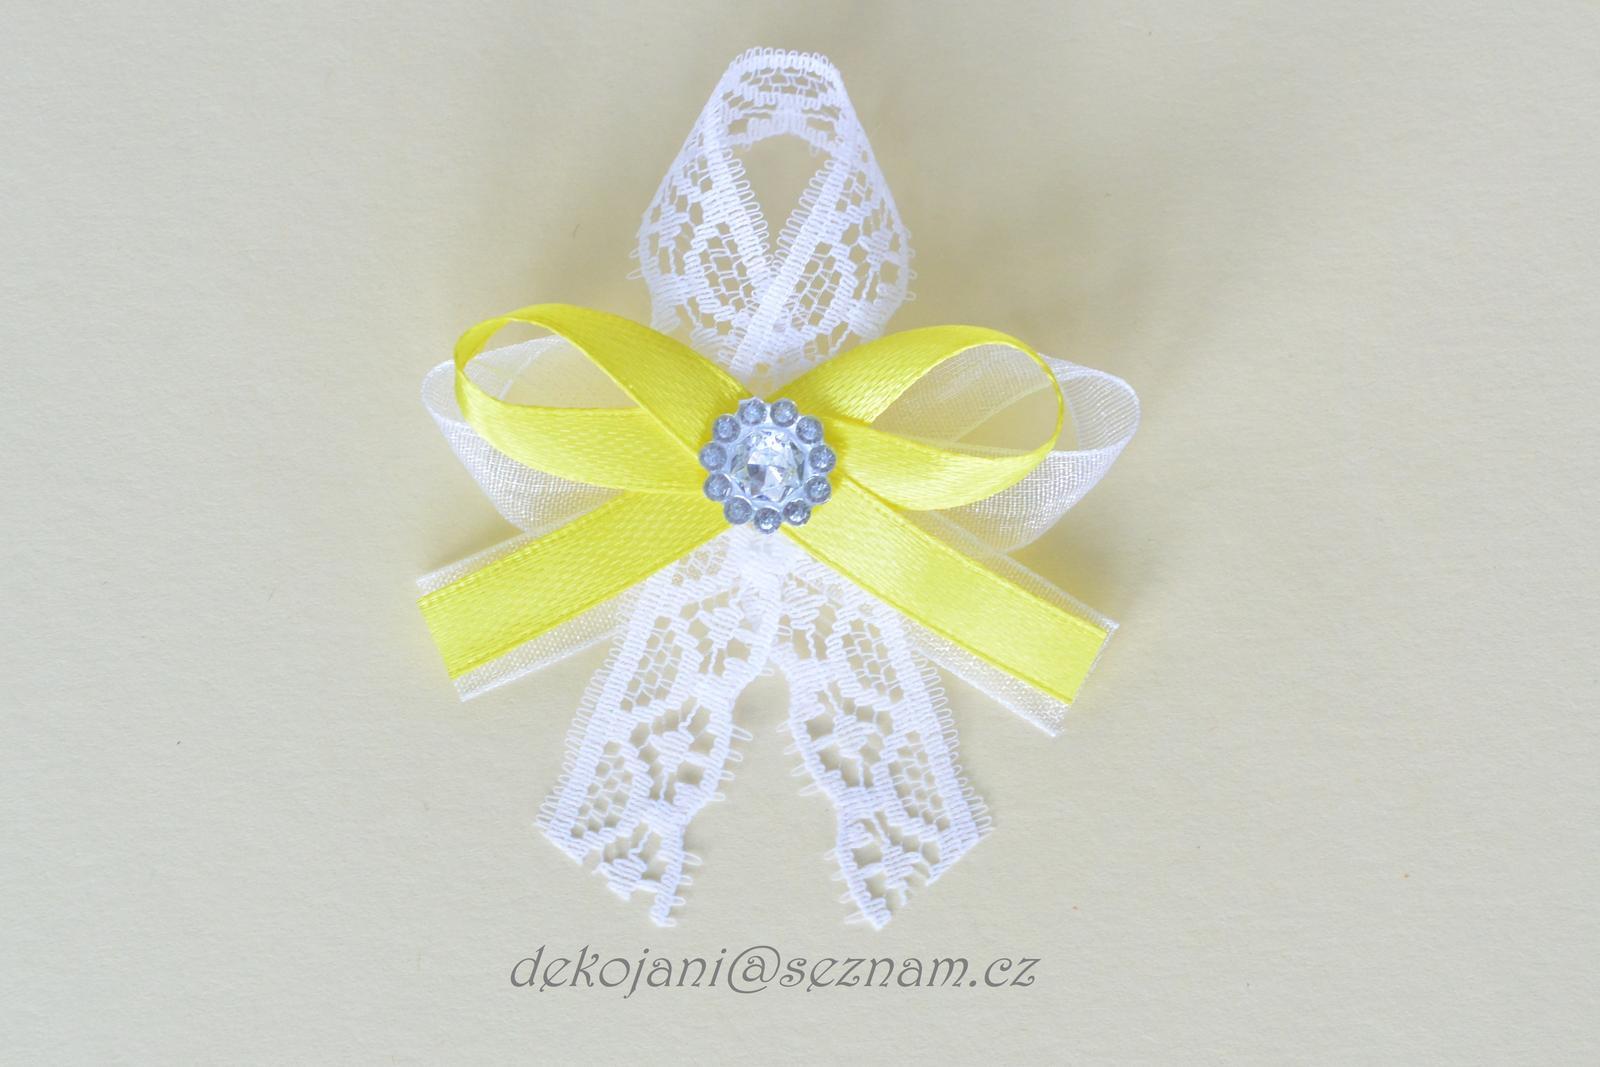 Žlutá svatba - Obrázek č. 1